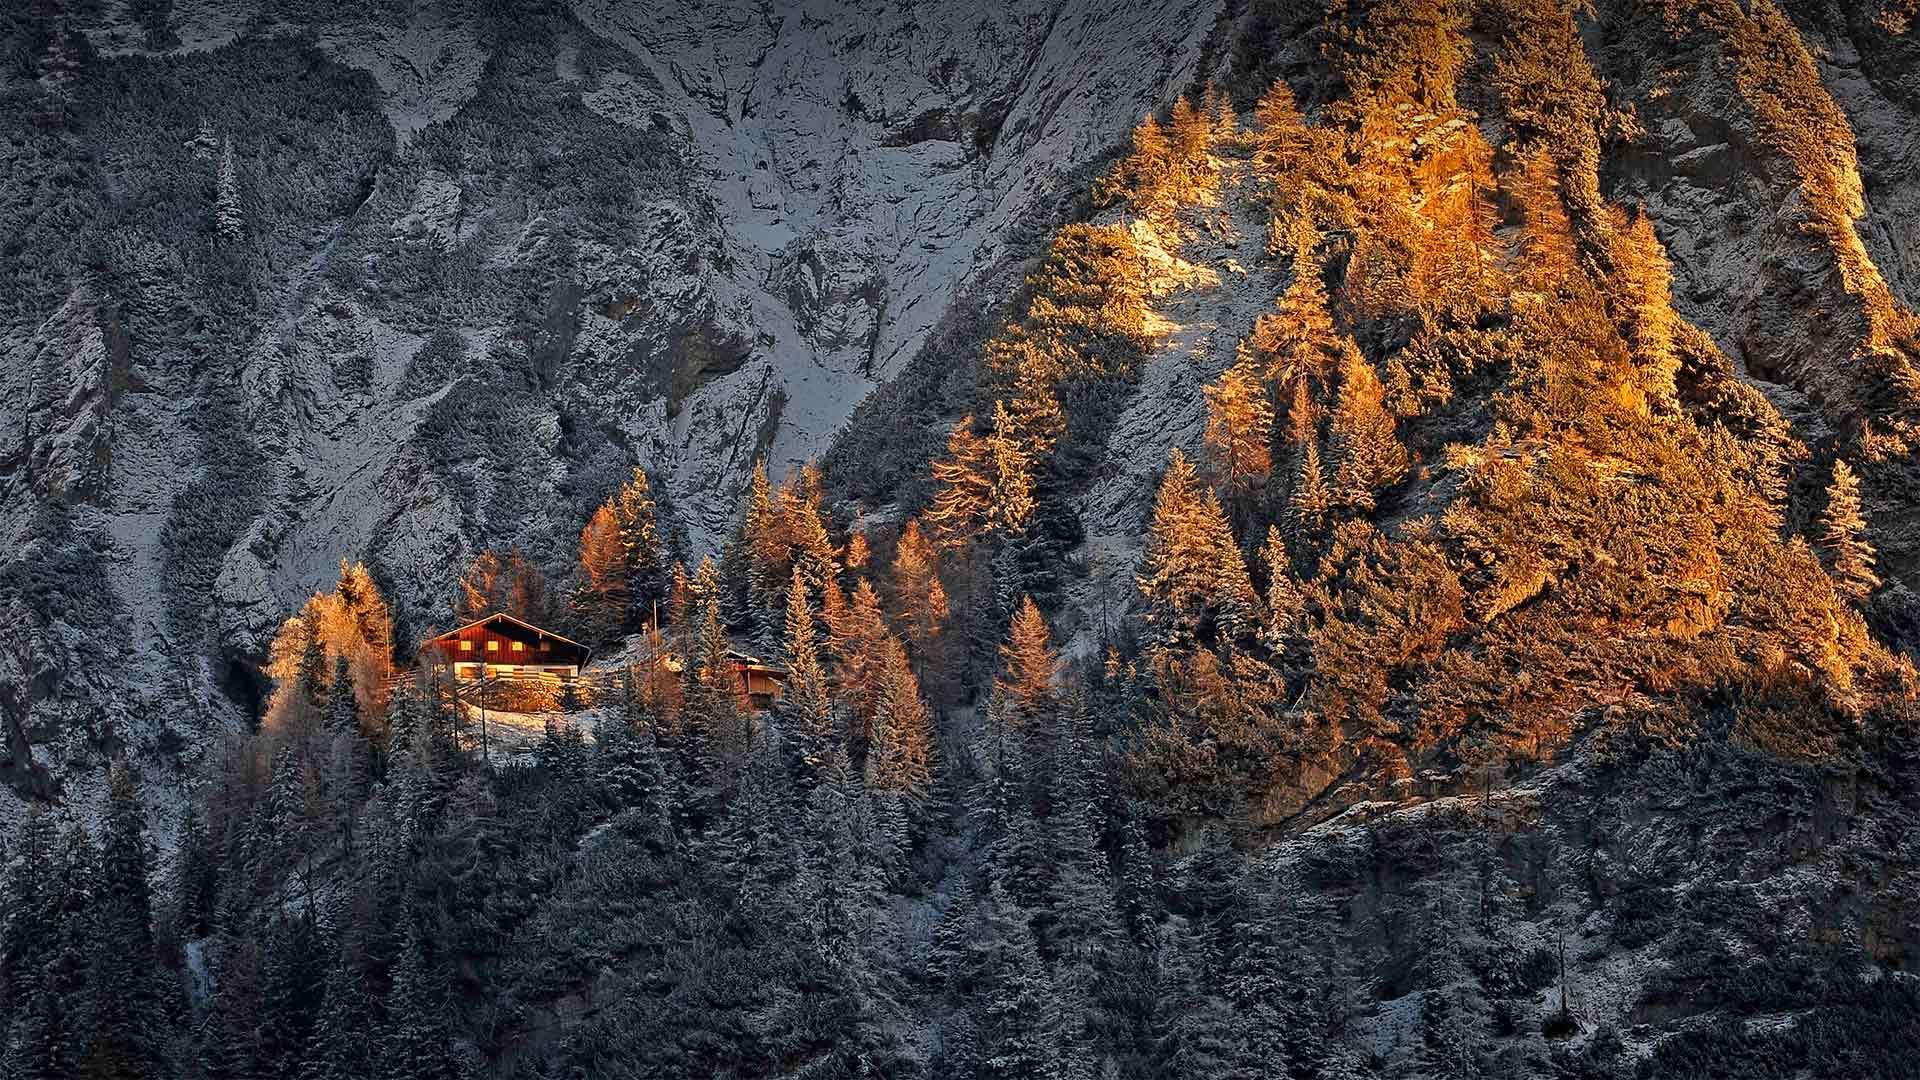 巴伐利亚阿尔卑斯山脉中的米滕瓦尔德小屋米滕瓦尔德